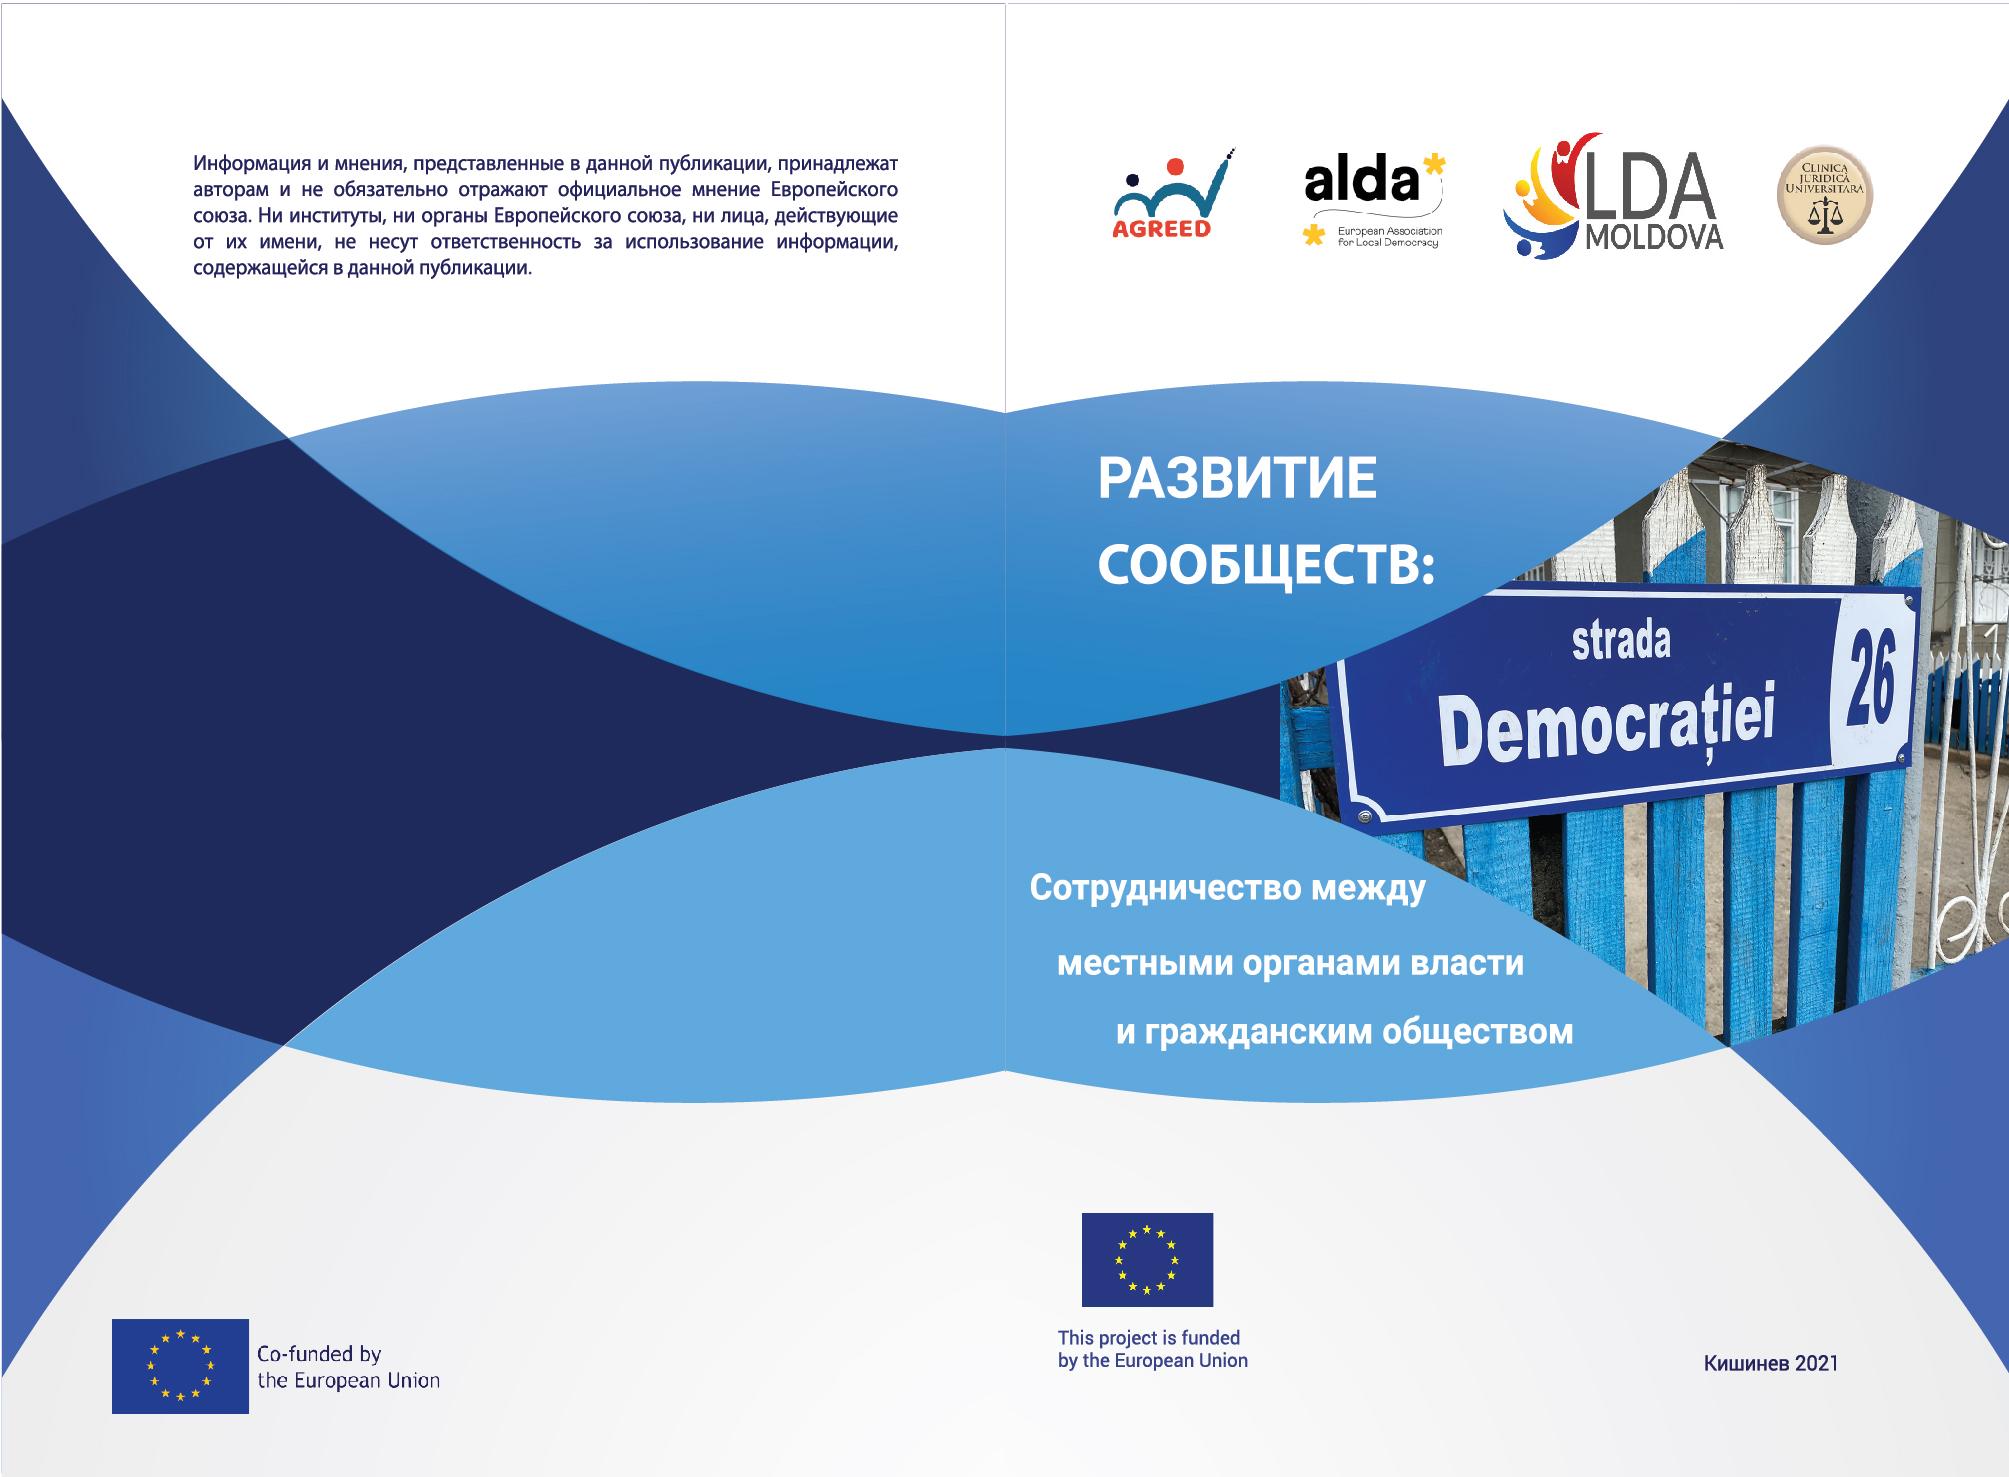 Брошюра «Развитие сообществ: сотрудничество между местными органами власти и гражданским обществом»